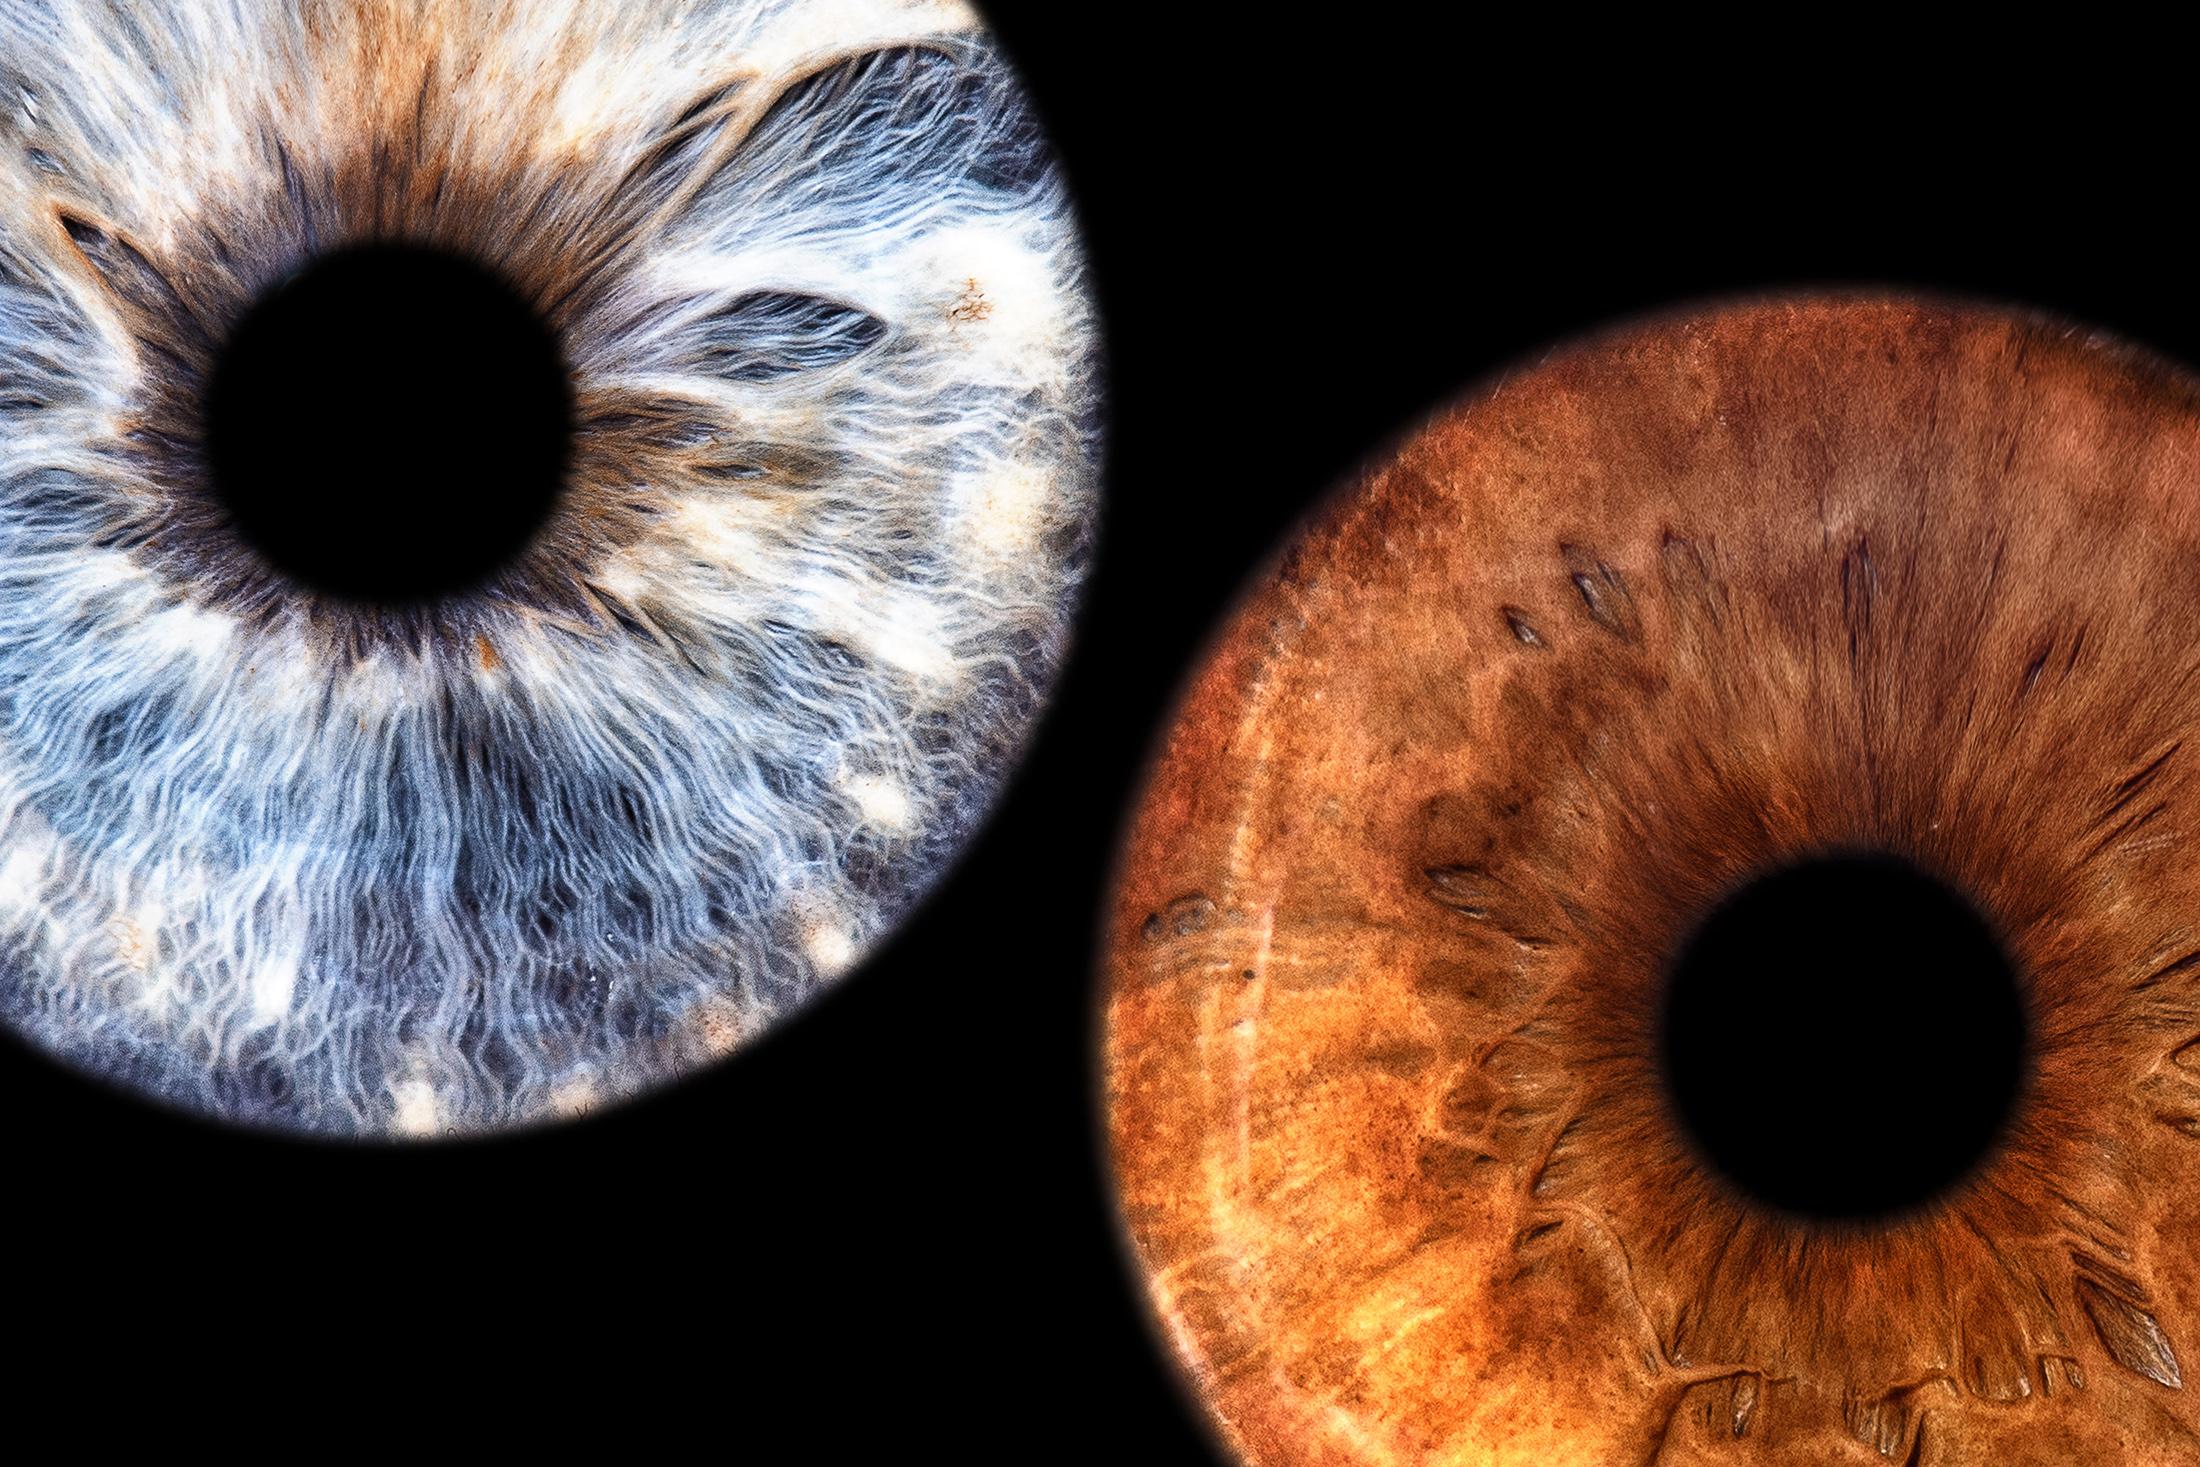 Irisfotografie Irisbilder Augenfotografie Augenbilder